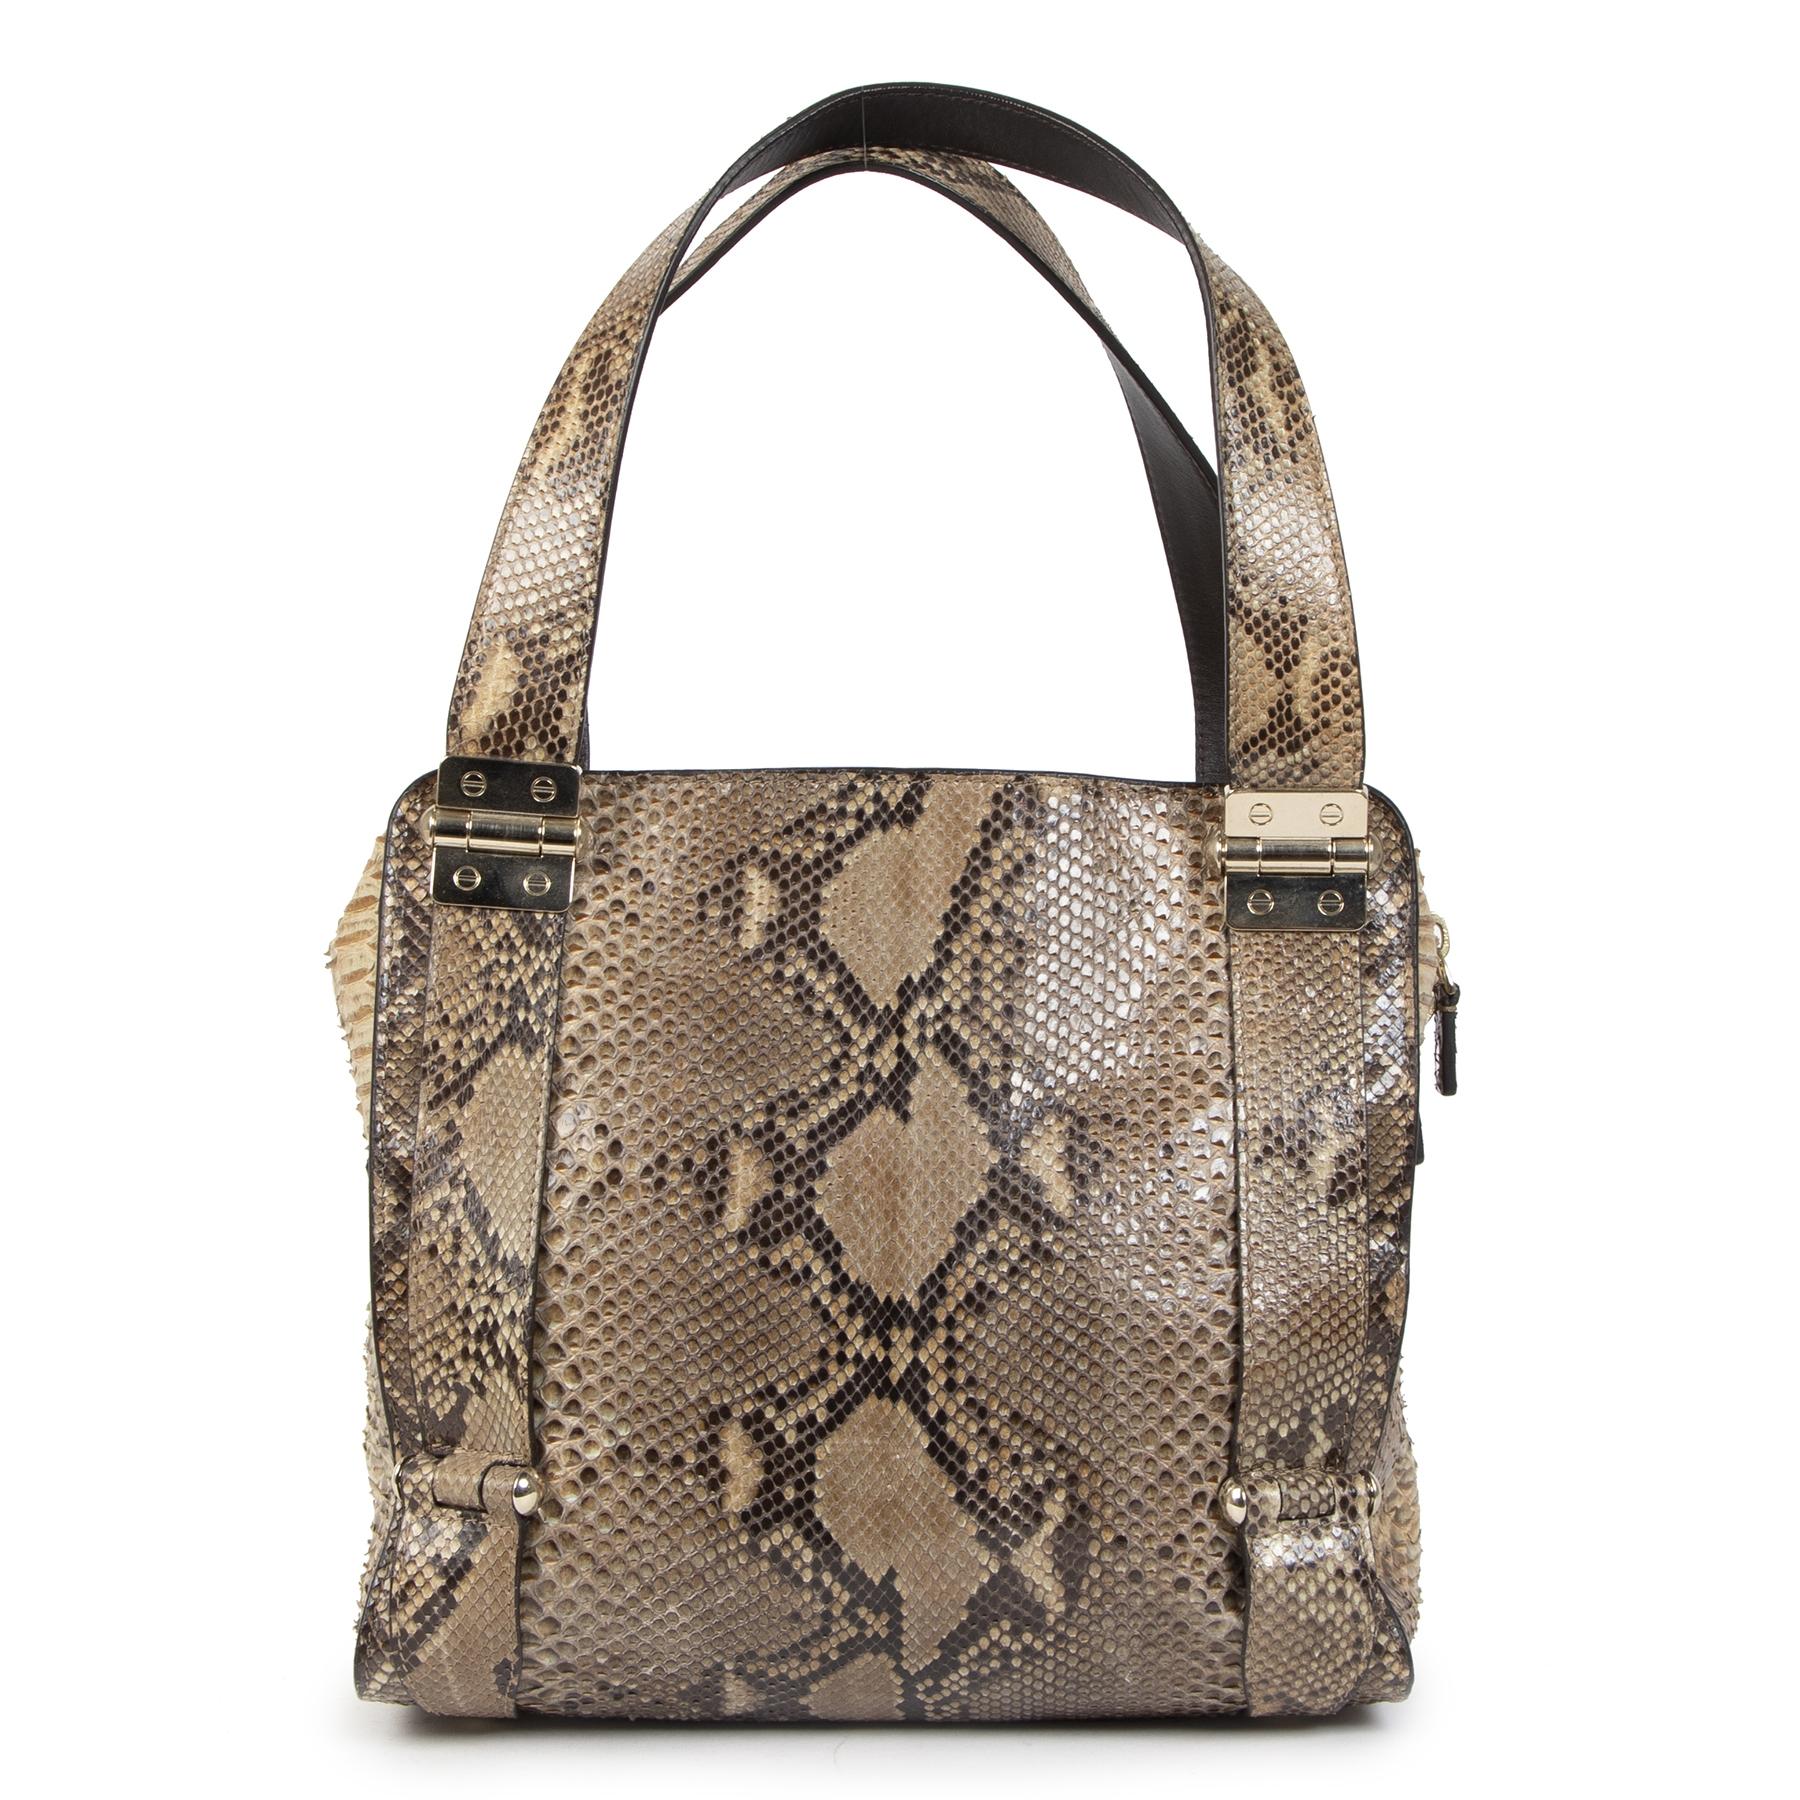 Authentieke Tweedehands Jimmy Choo Python Shoulder Bag juiste prijs veilig online shoppen luxe merken webshop winkelen Antwerpen België mode fashion